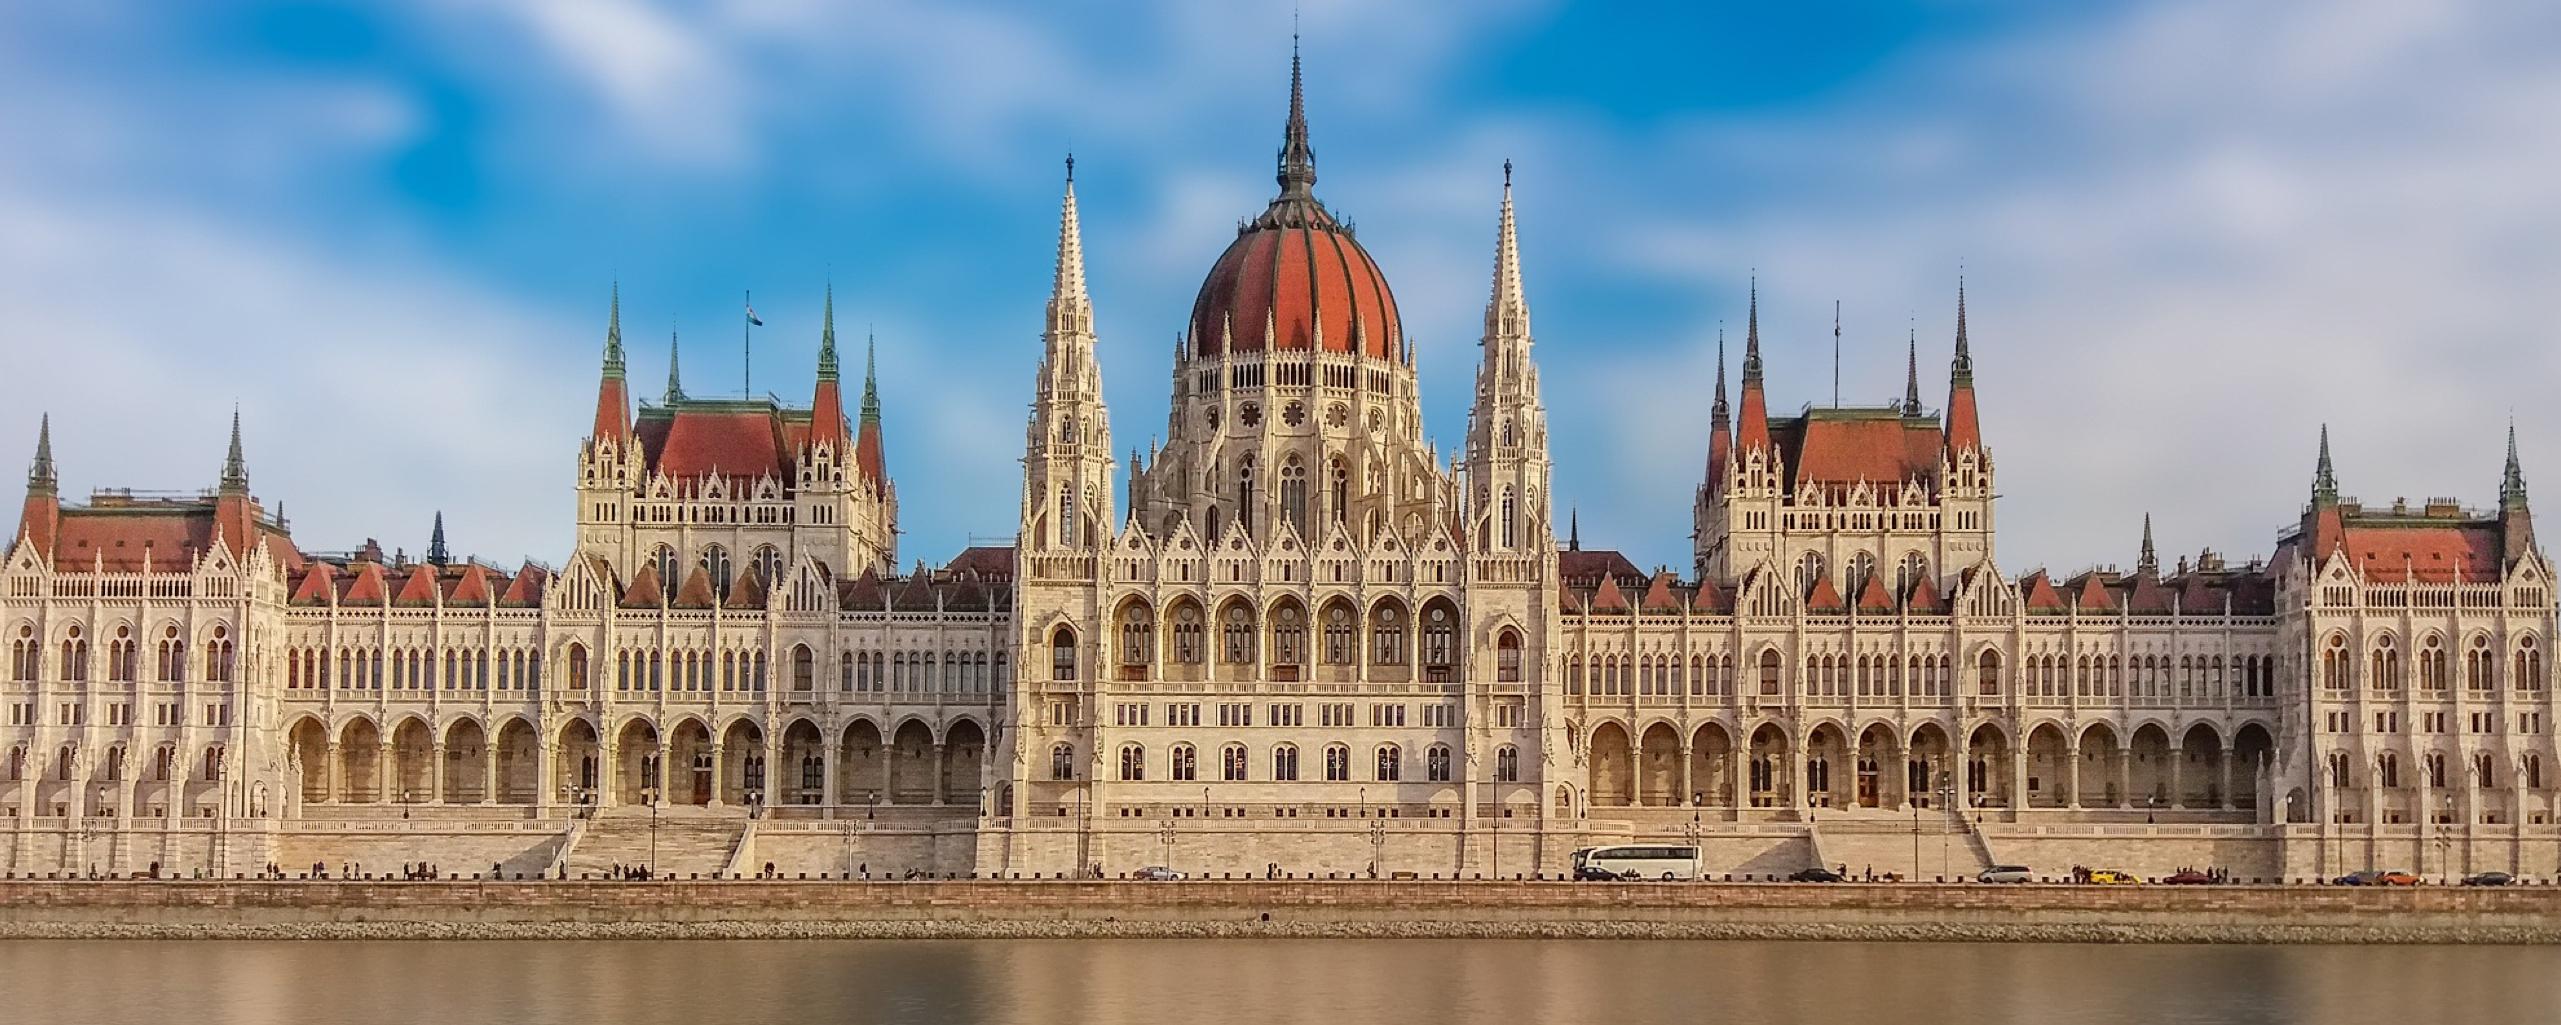 Ausbildung, Qualifizierung, Energieeffizienz, Klimaschutz, Ungarn, AHK, Außenhandelskammer, Parlament, DIHK, EUKI, BMUB